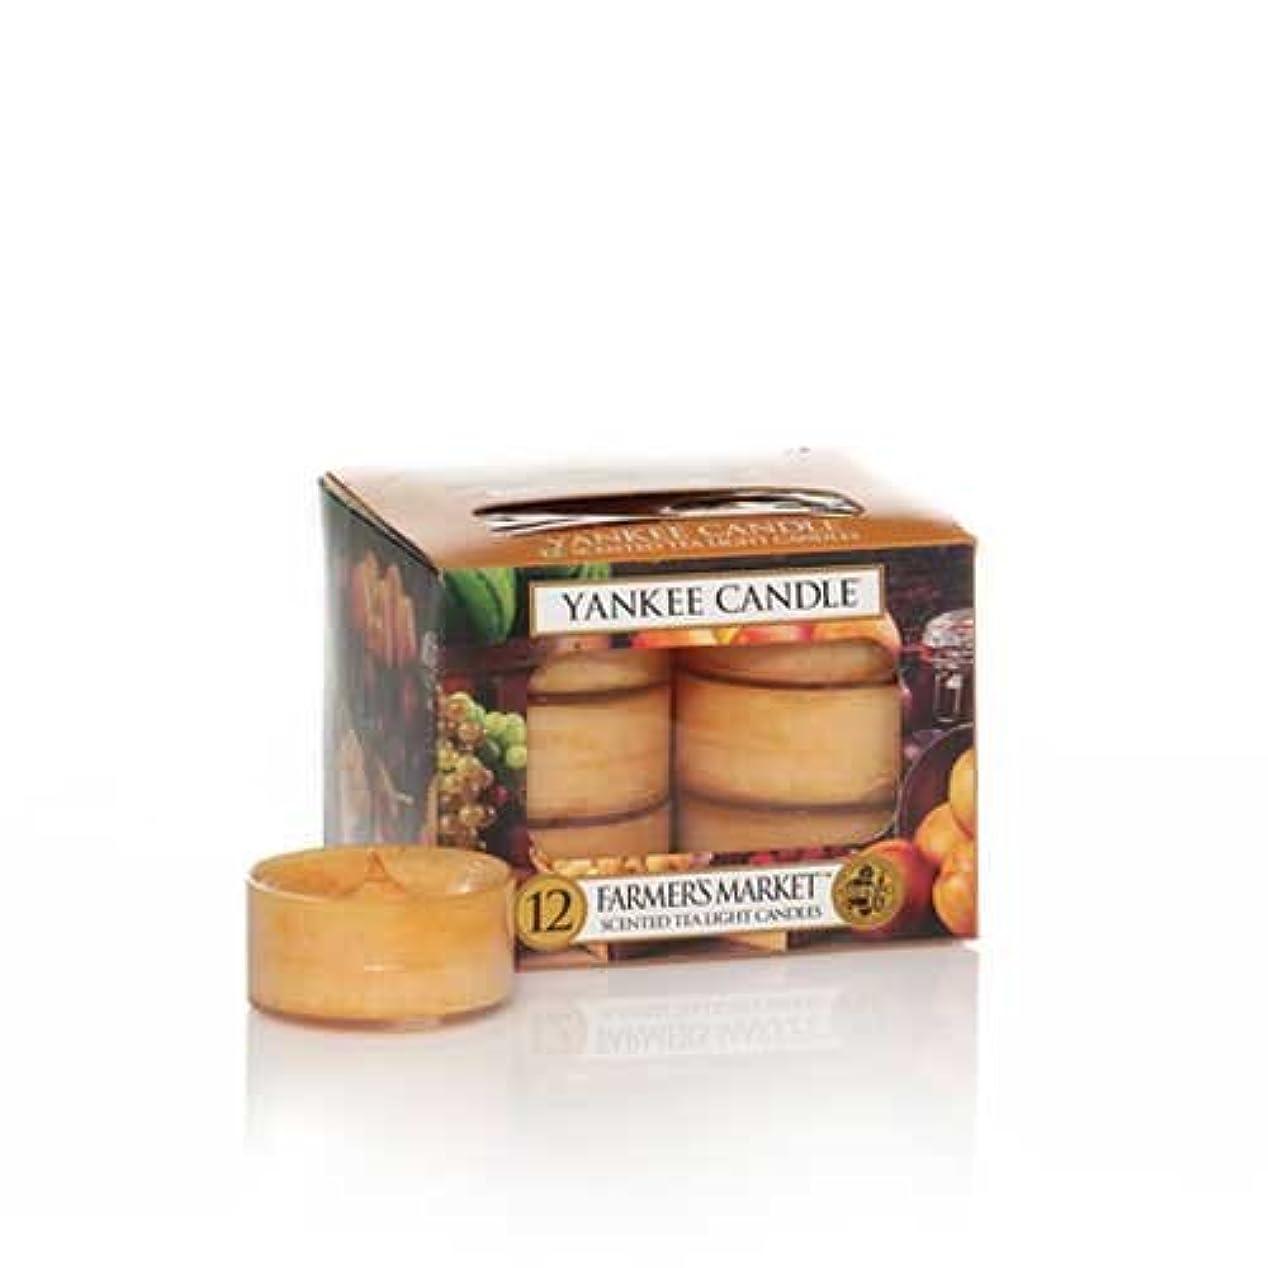 郡クリスチャン王位Yankee Candle Farmer 's Market, Food & Spice香り Tea Light Candles オレンジ 1163587-YC